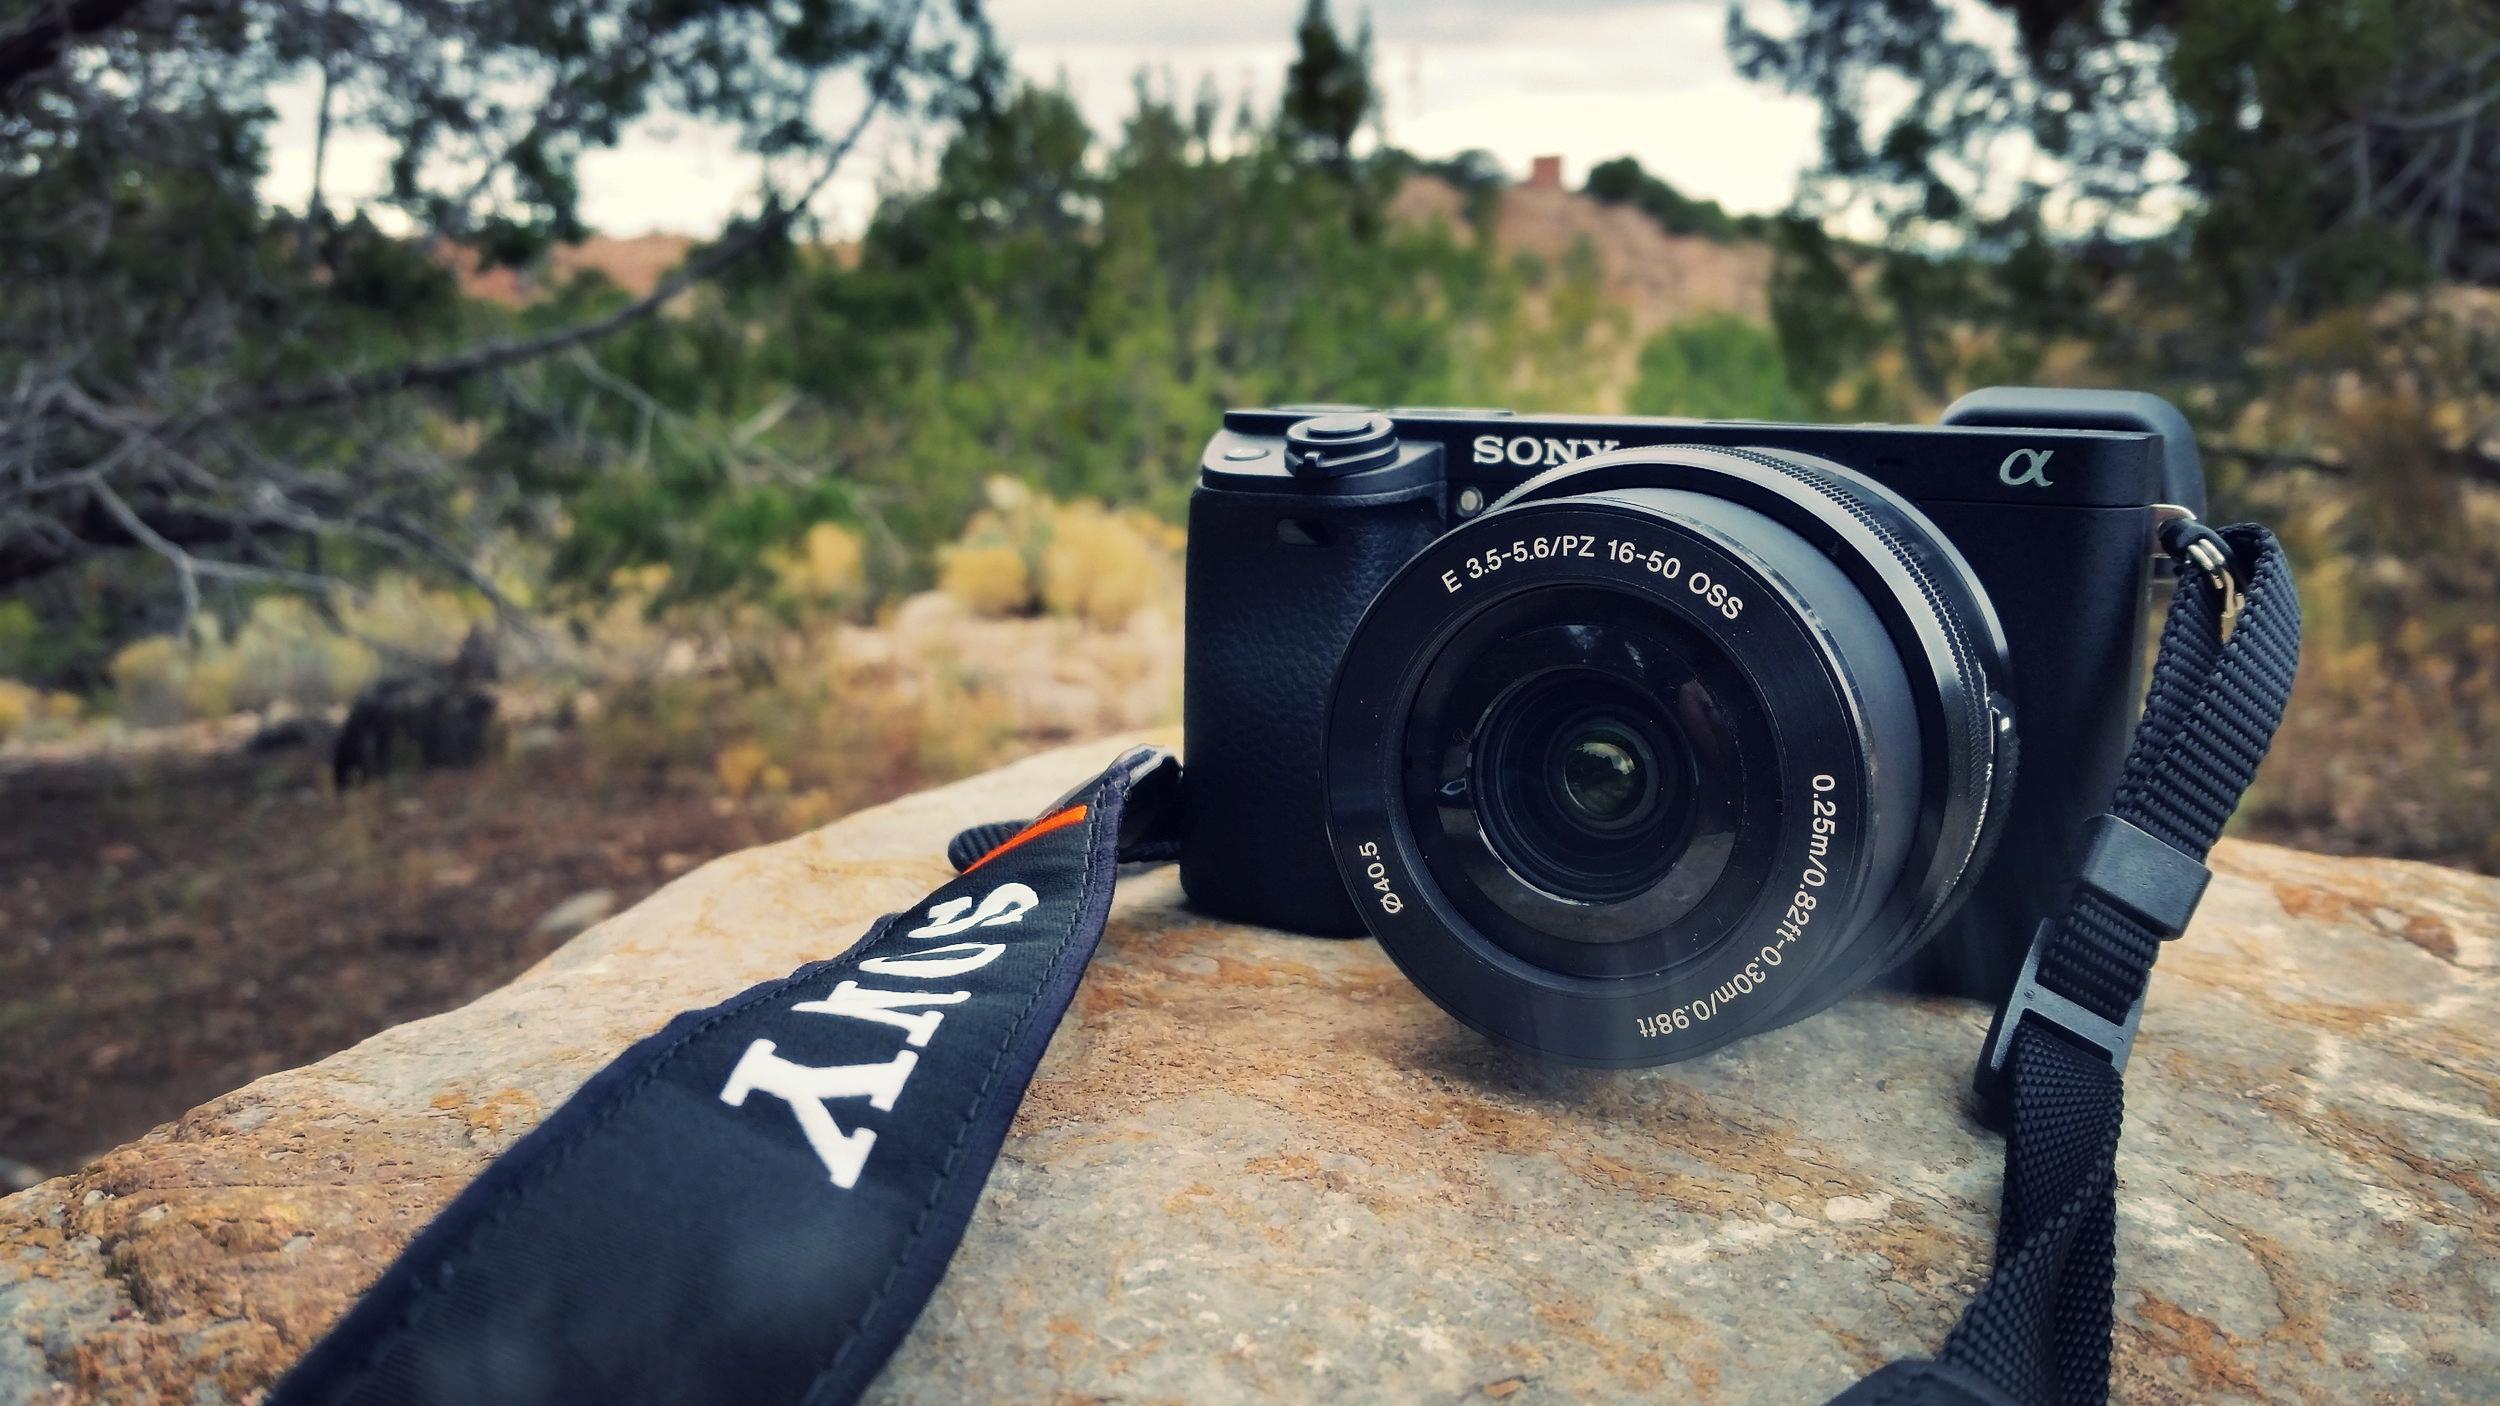 AJ's weapon of choice: the Sony Alpha A6300